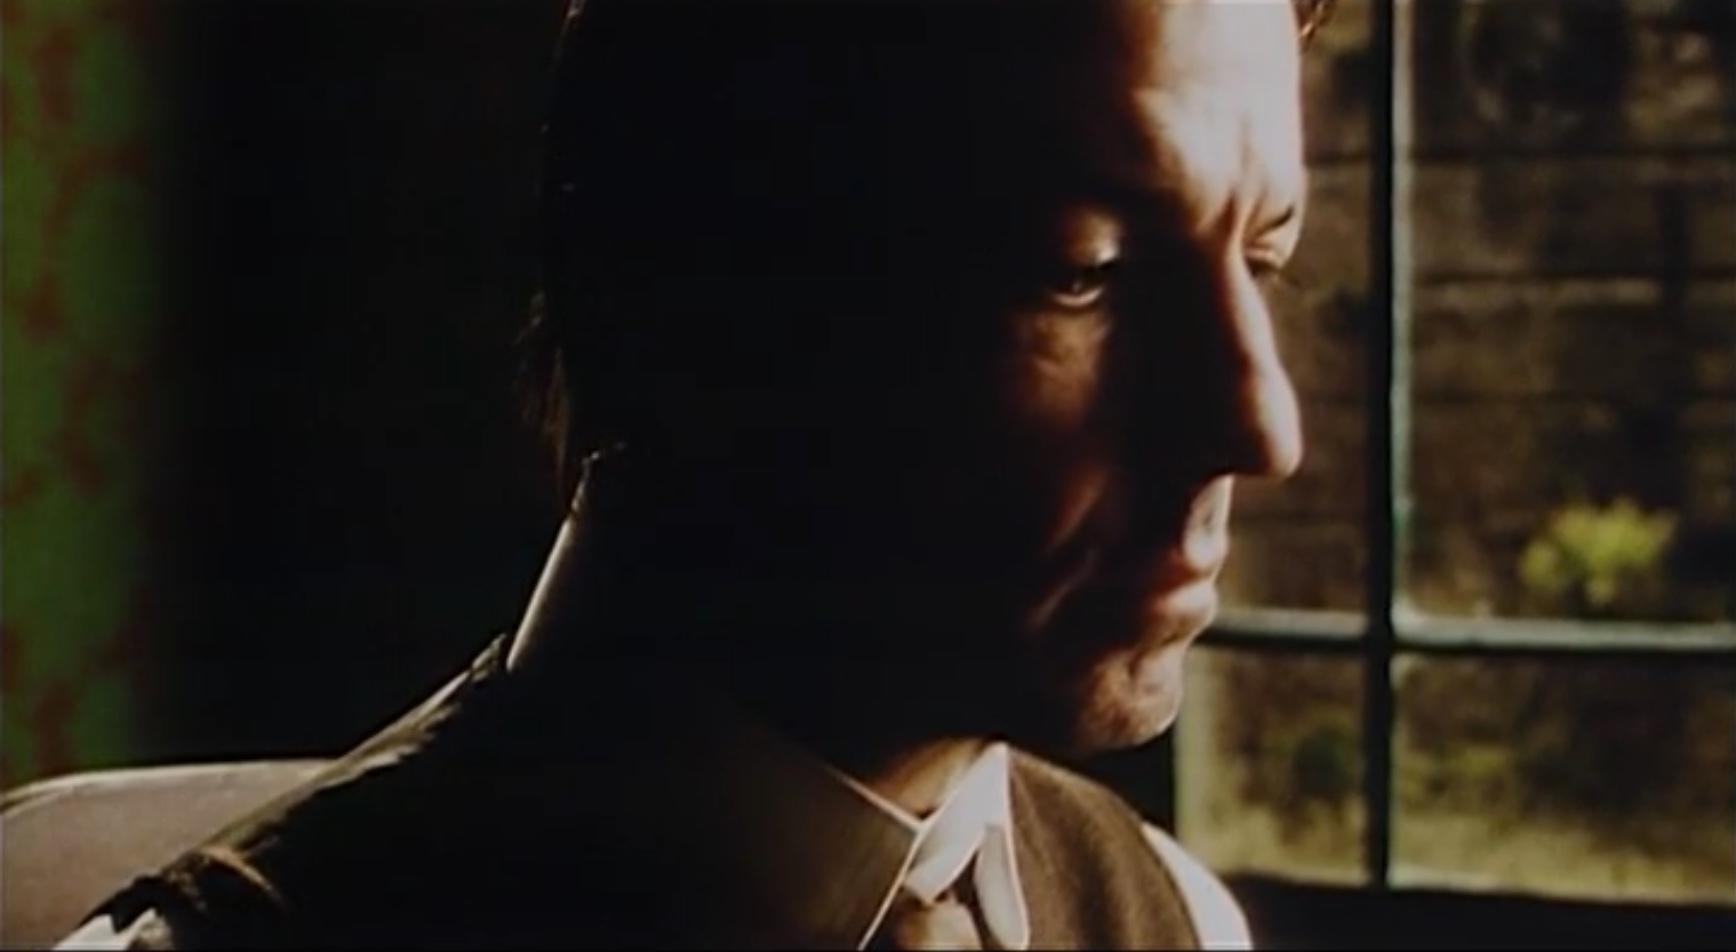 Robert Menzies as BARTLEBY